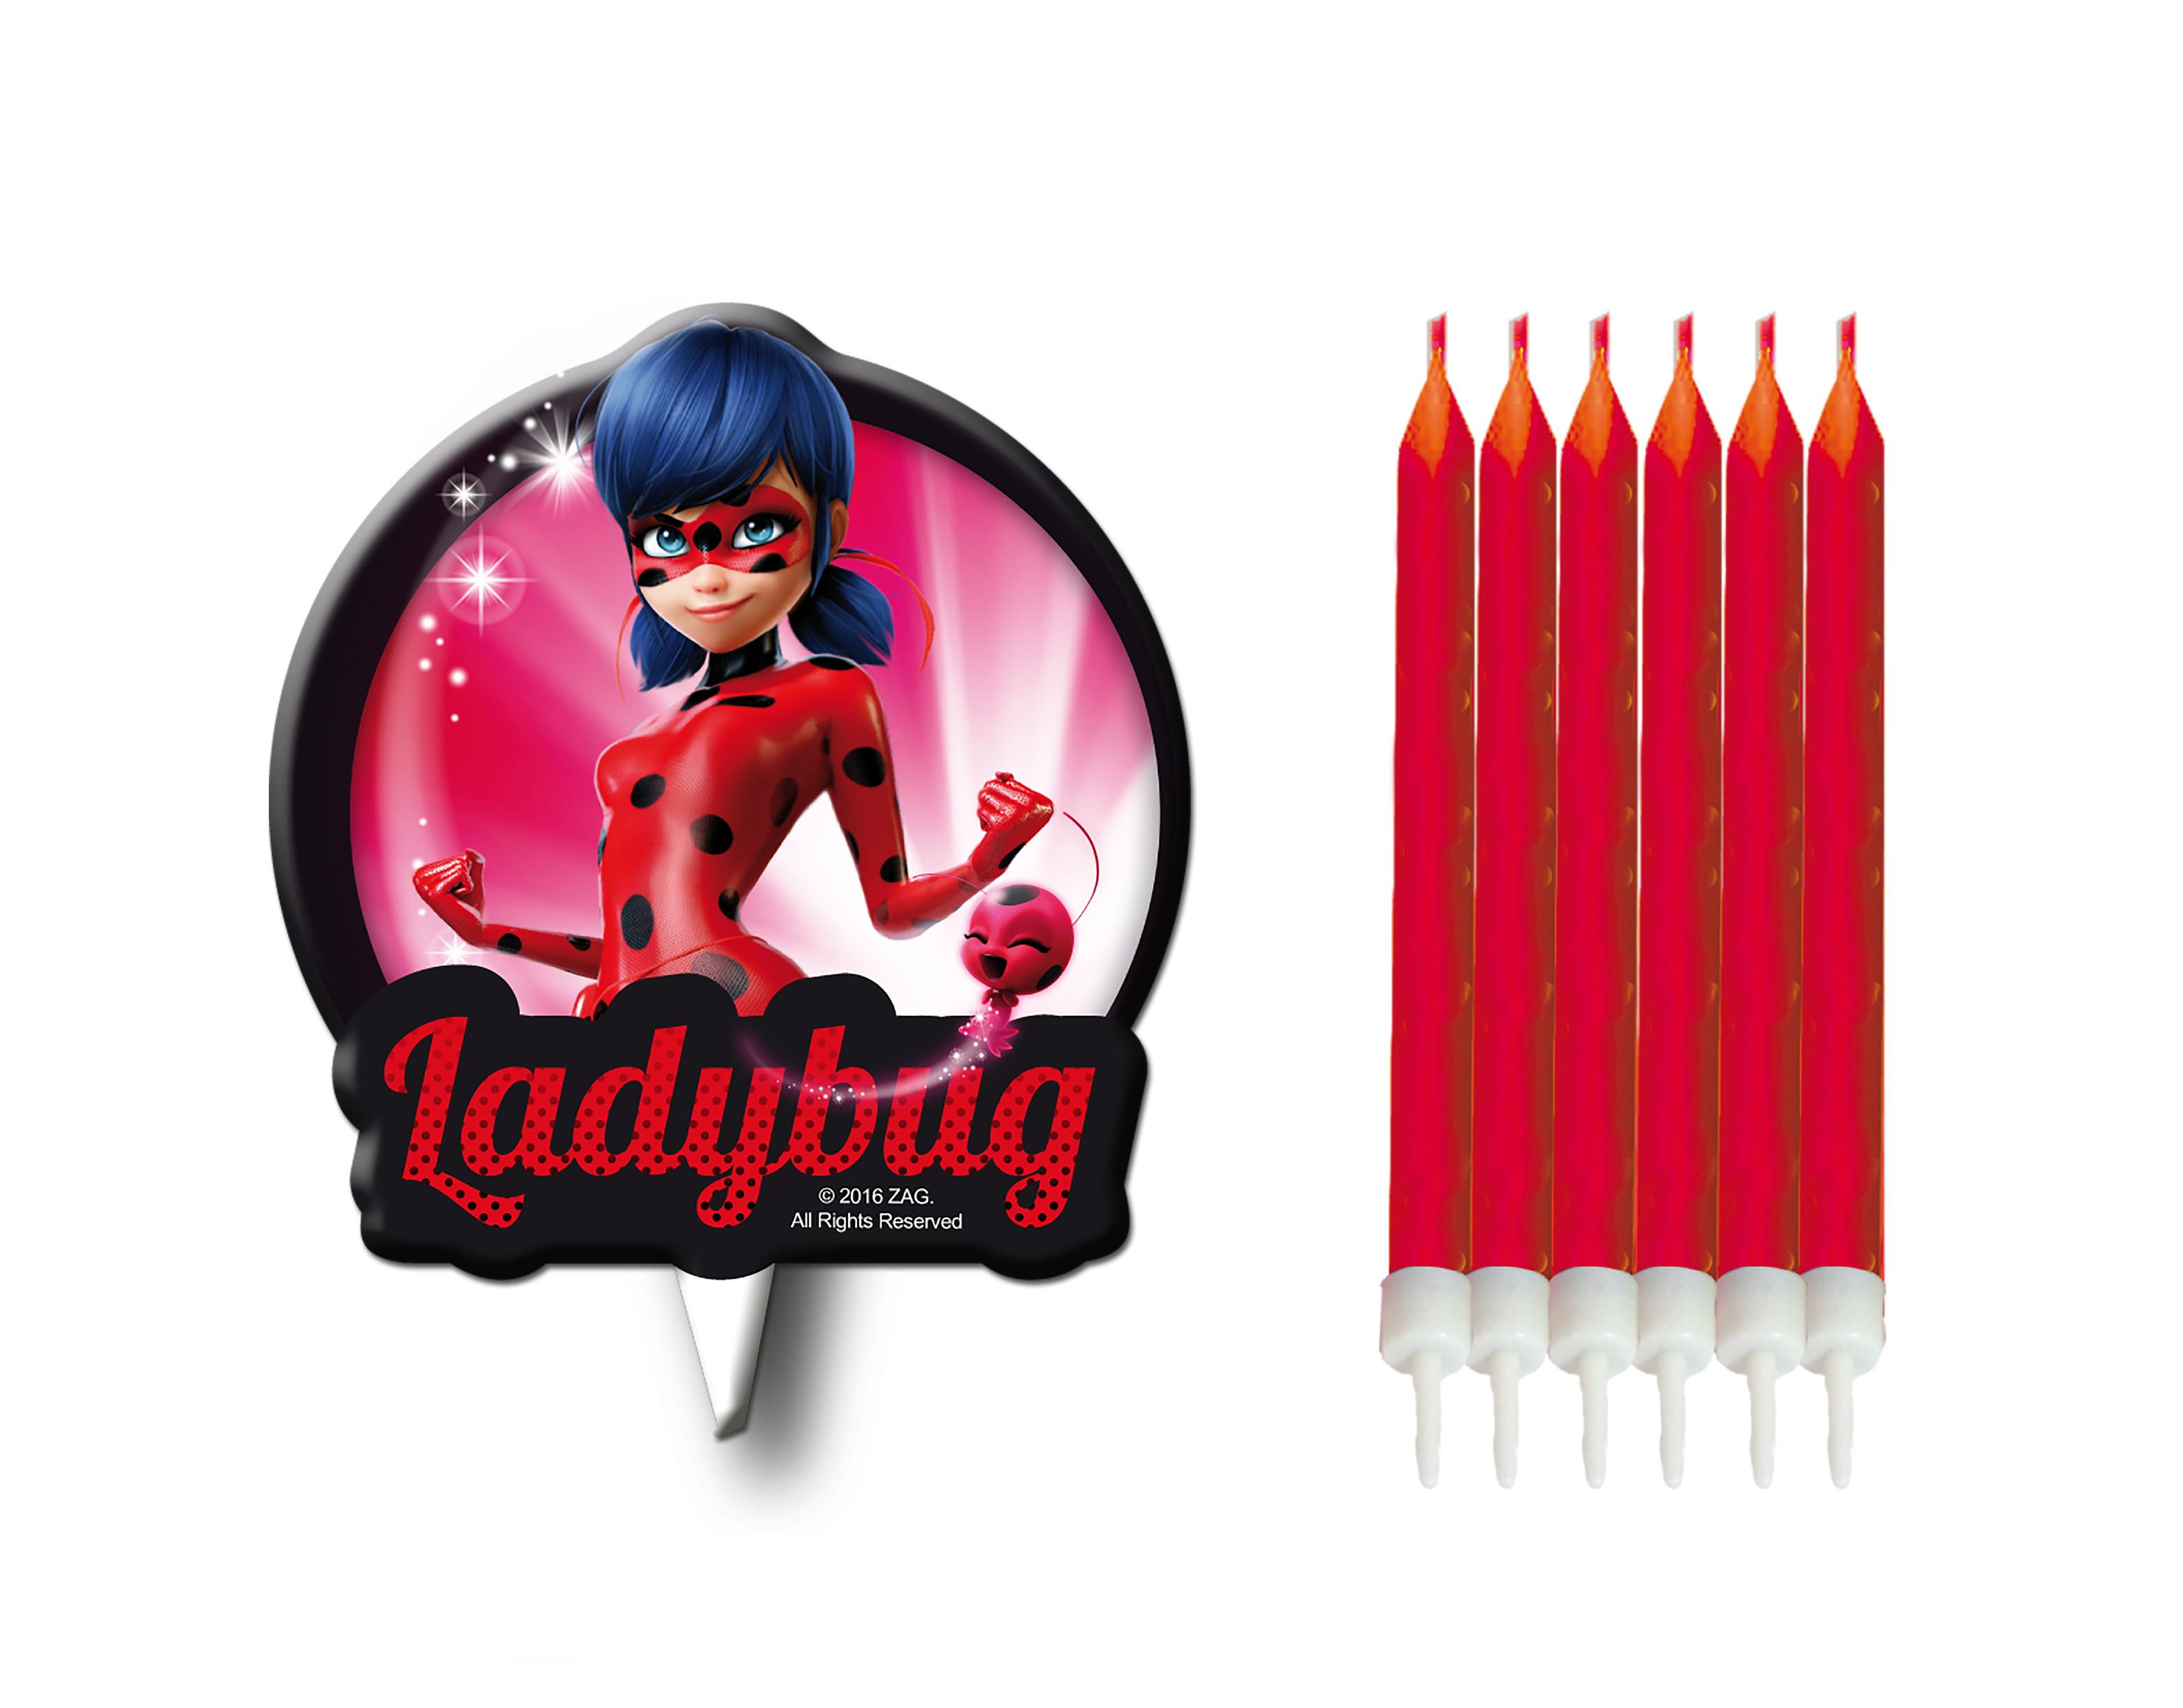 6 bougies + médaillon Ladybug Miraculous